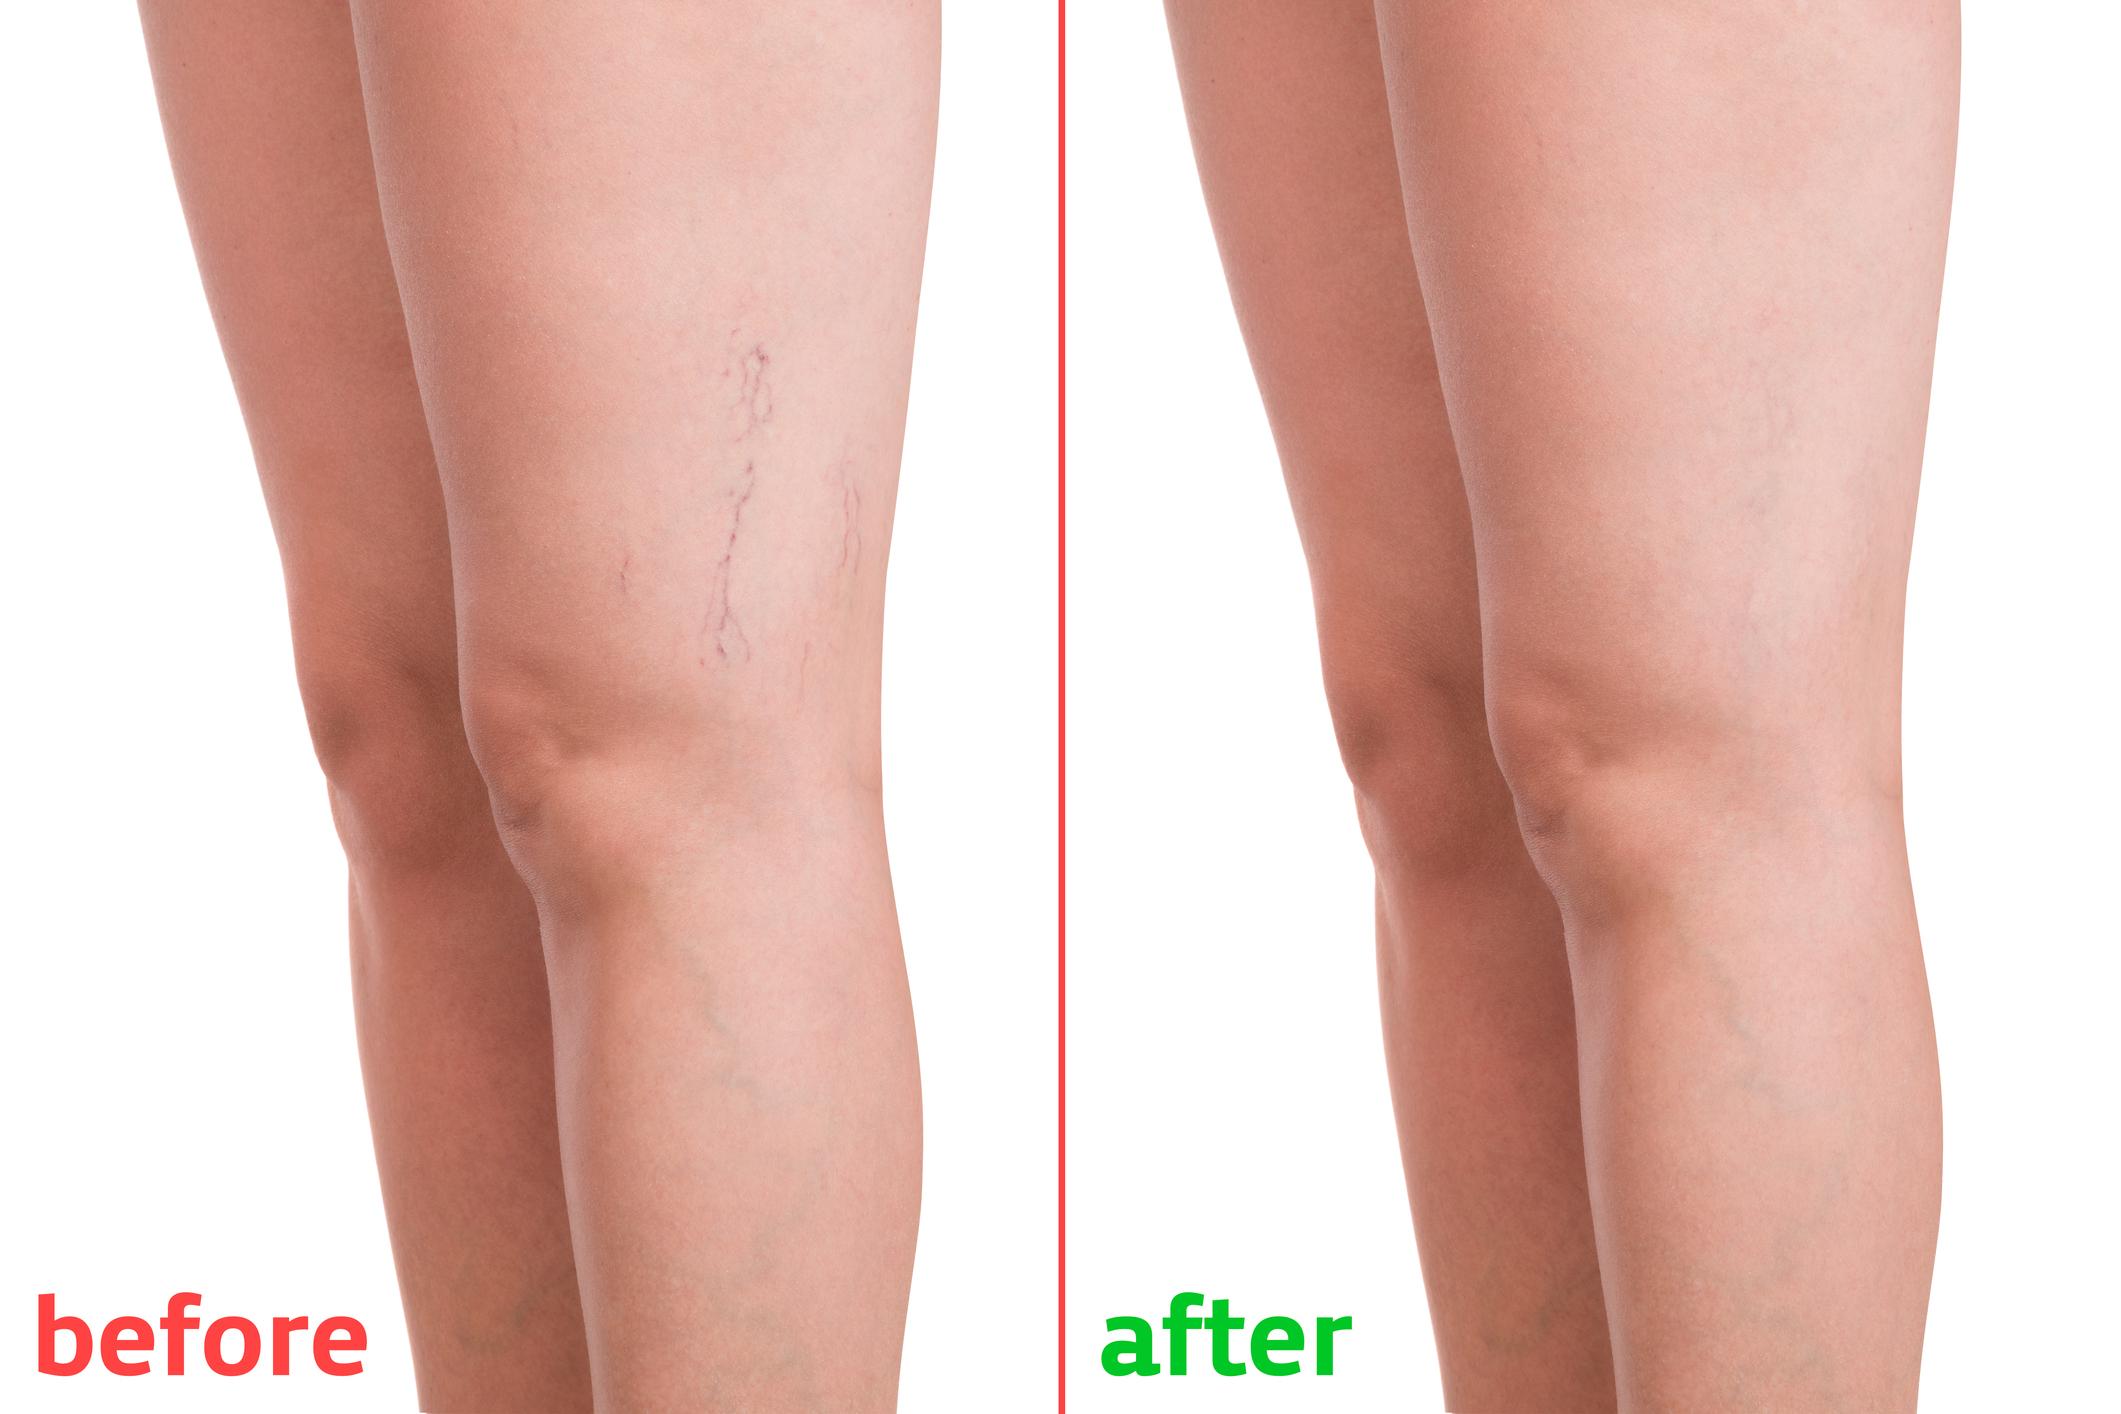 a visszér miatt a lábak fájnak hogyan lehet felismerni a visszerek a lábakon fotó